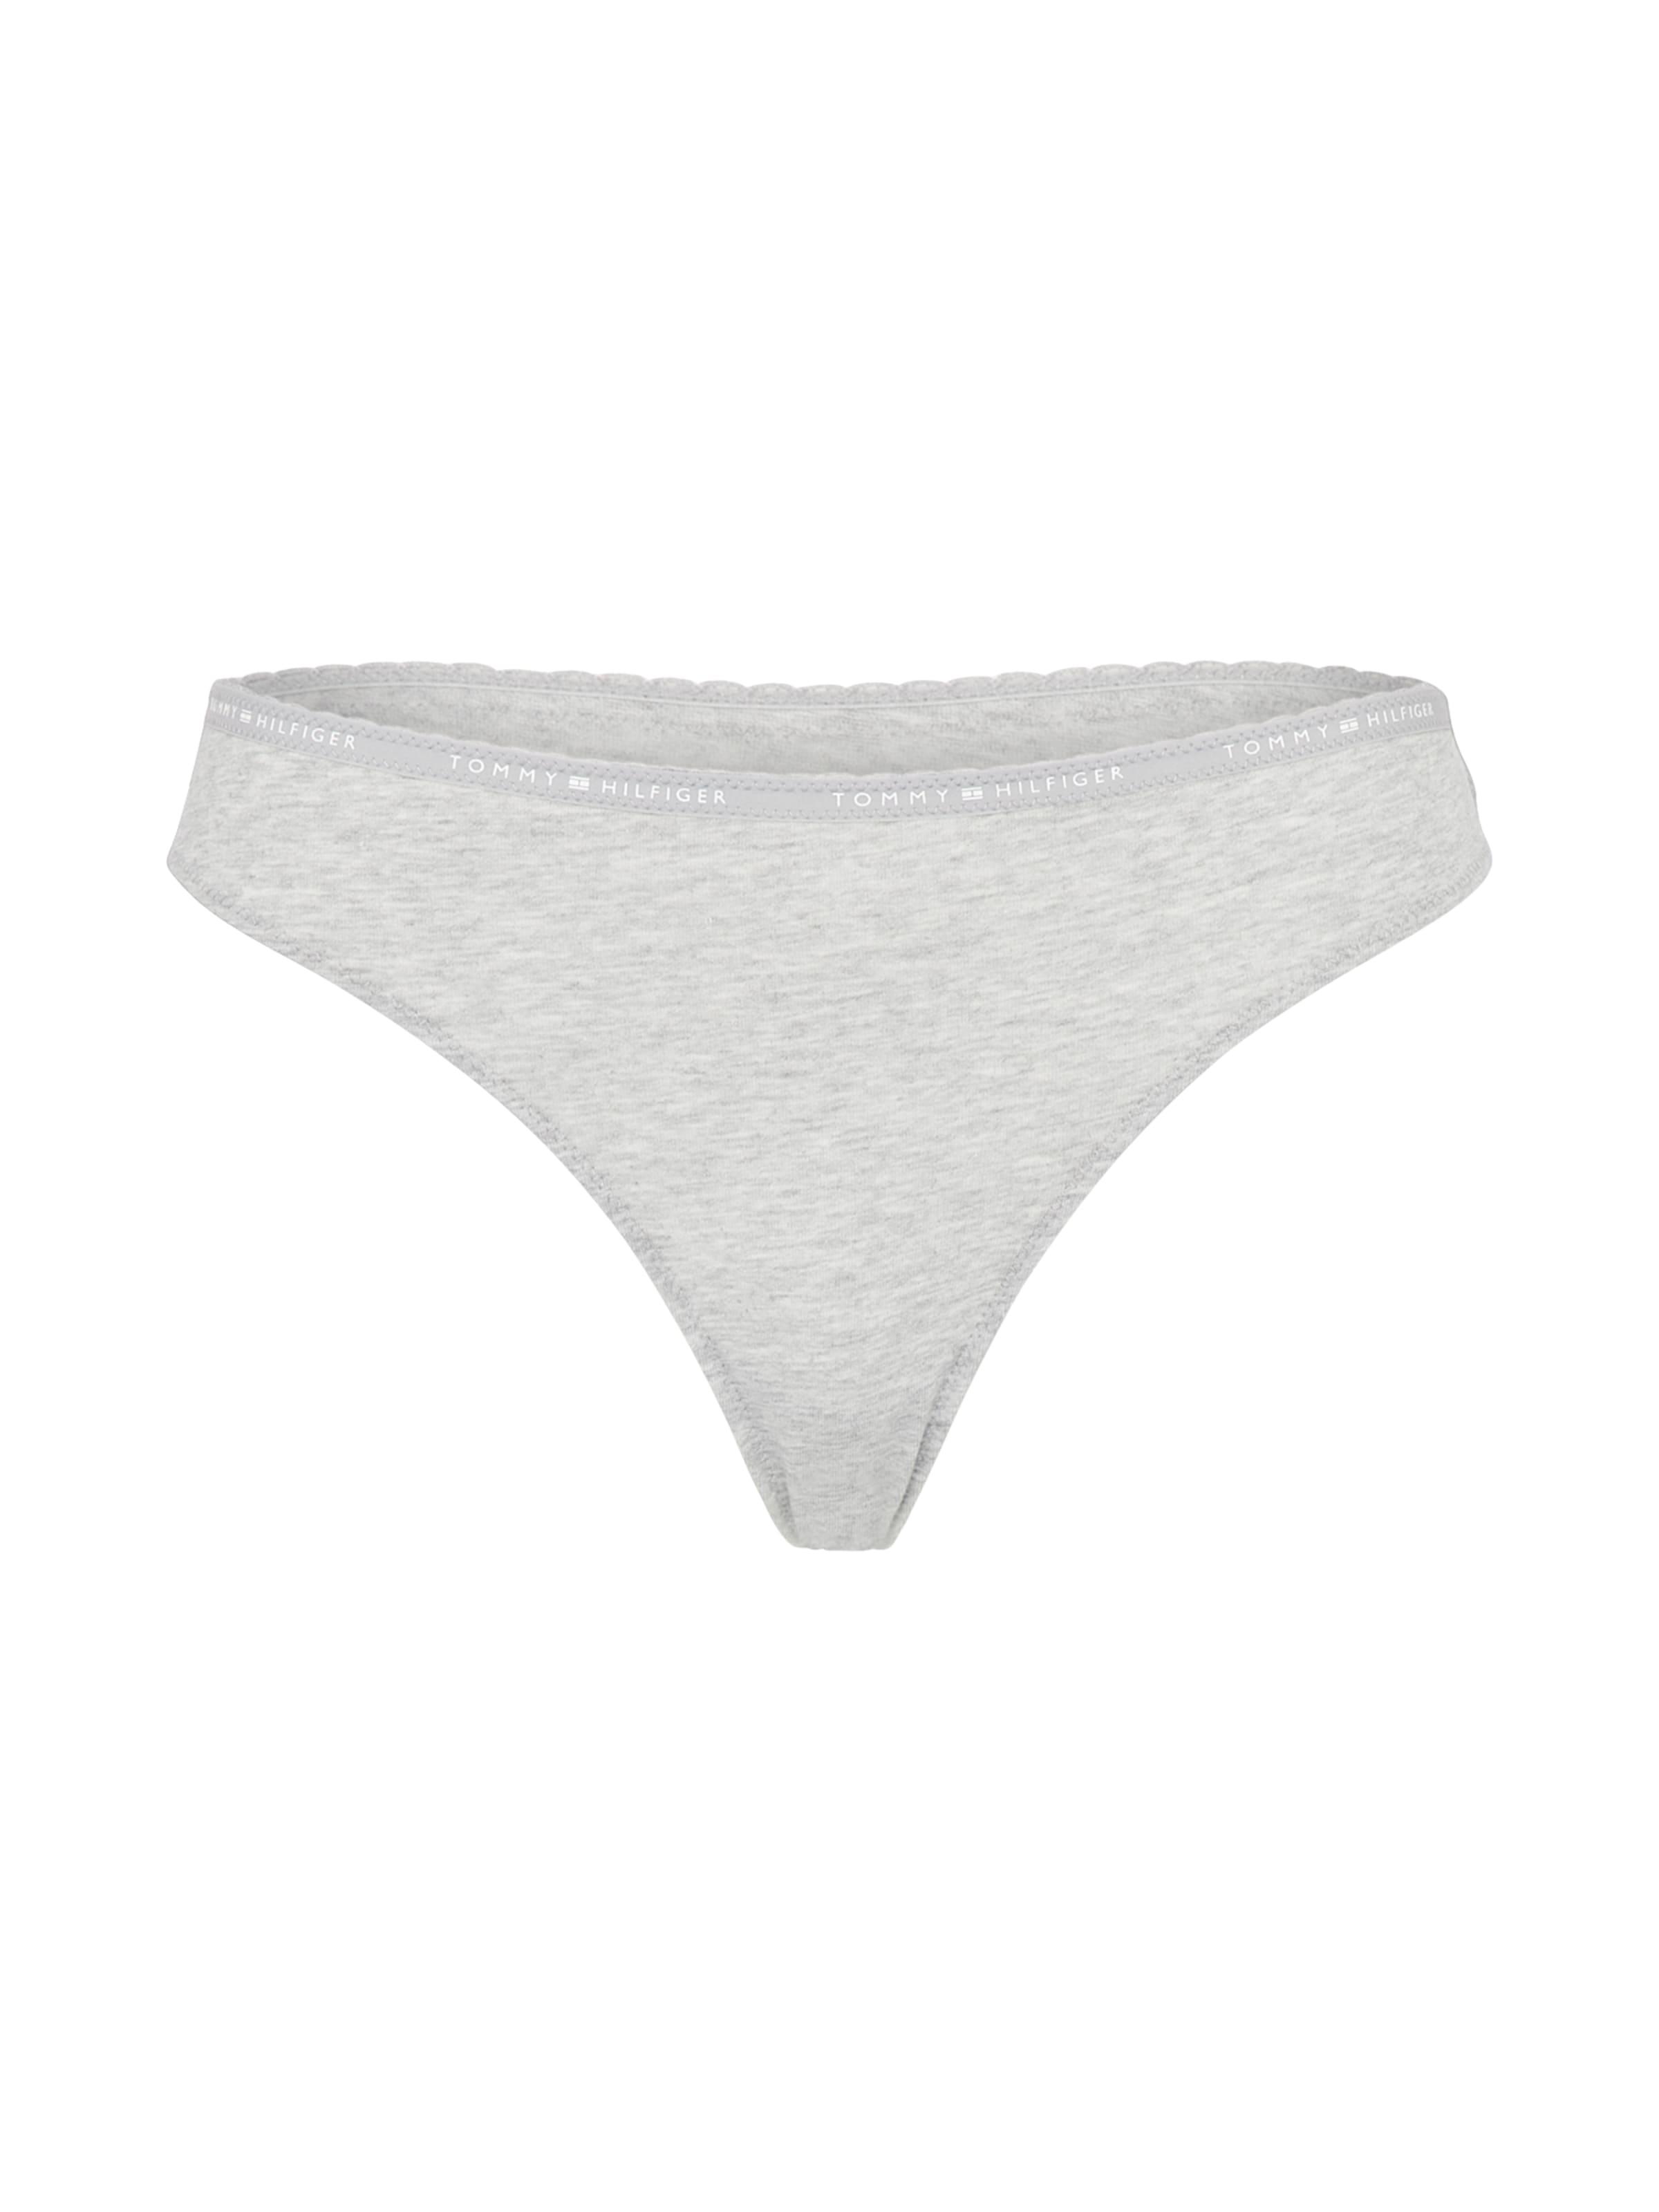 Tommy Hilfiger Underwear String 'THONG' Billig Verkaufen Große Überraschung Rabatt Erstaunlicher Preis VqaJuzf